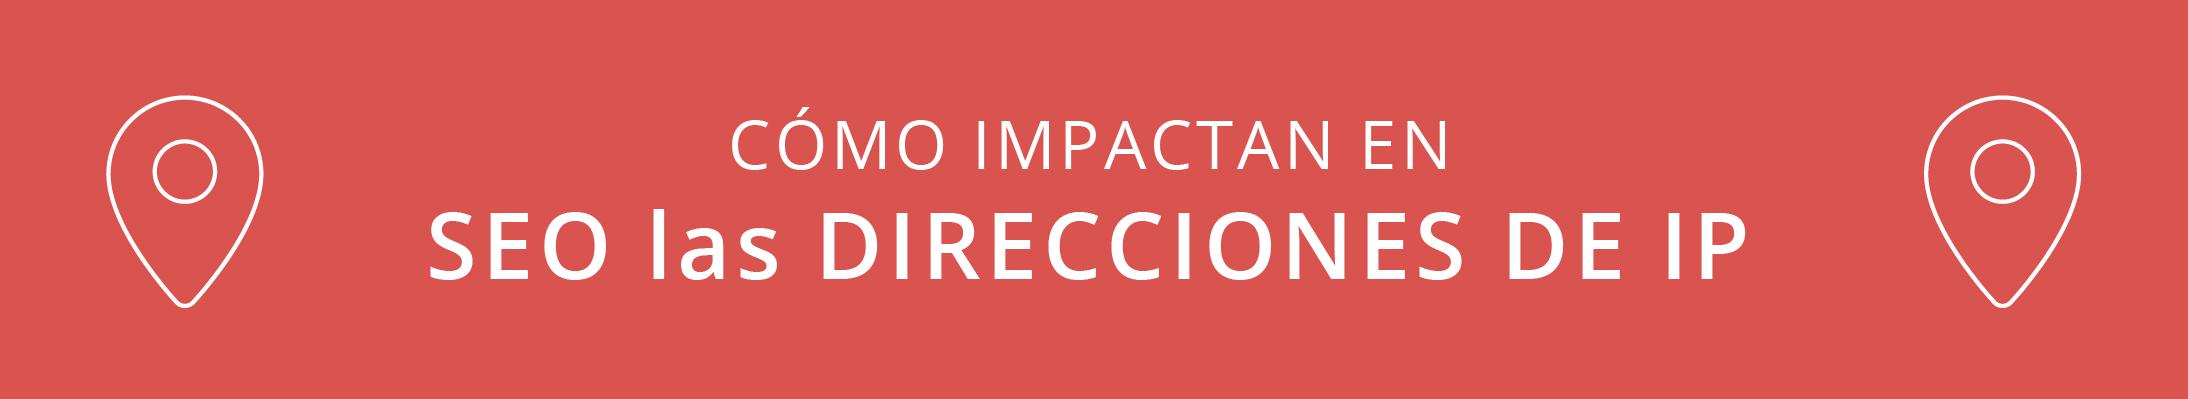 Cómo impacta tu dirección de IP en SEO